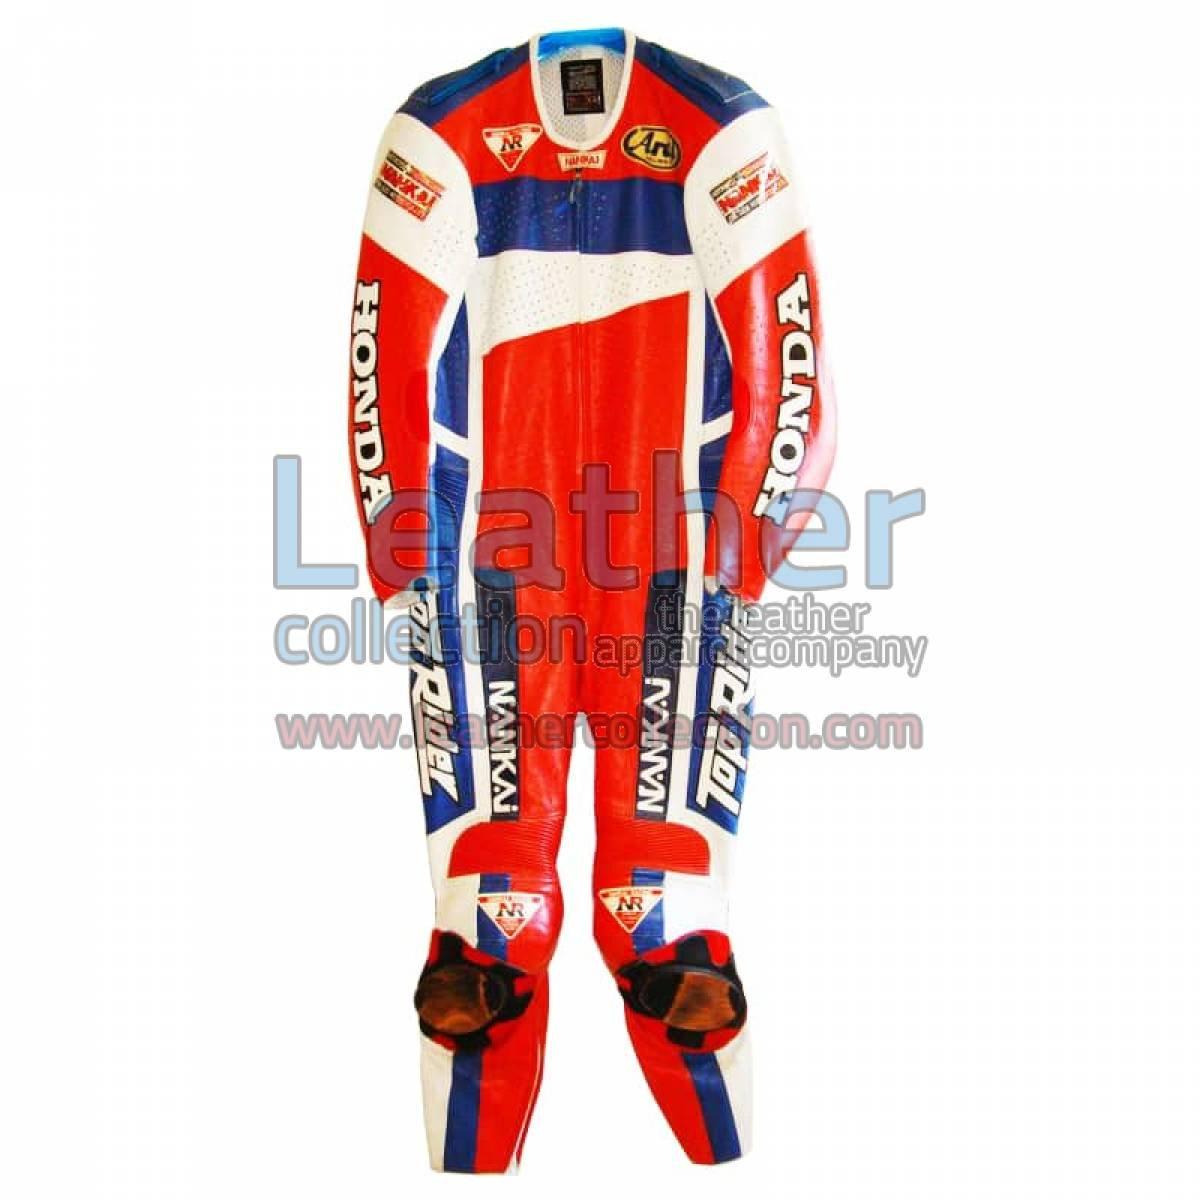 Freddie Spencer Nankai Honda Motorcycle GP 1991 Leathers